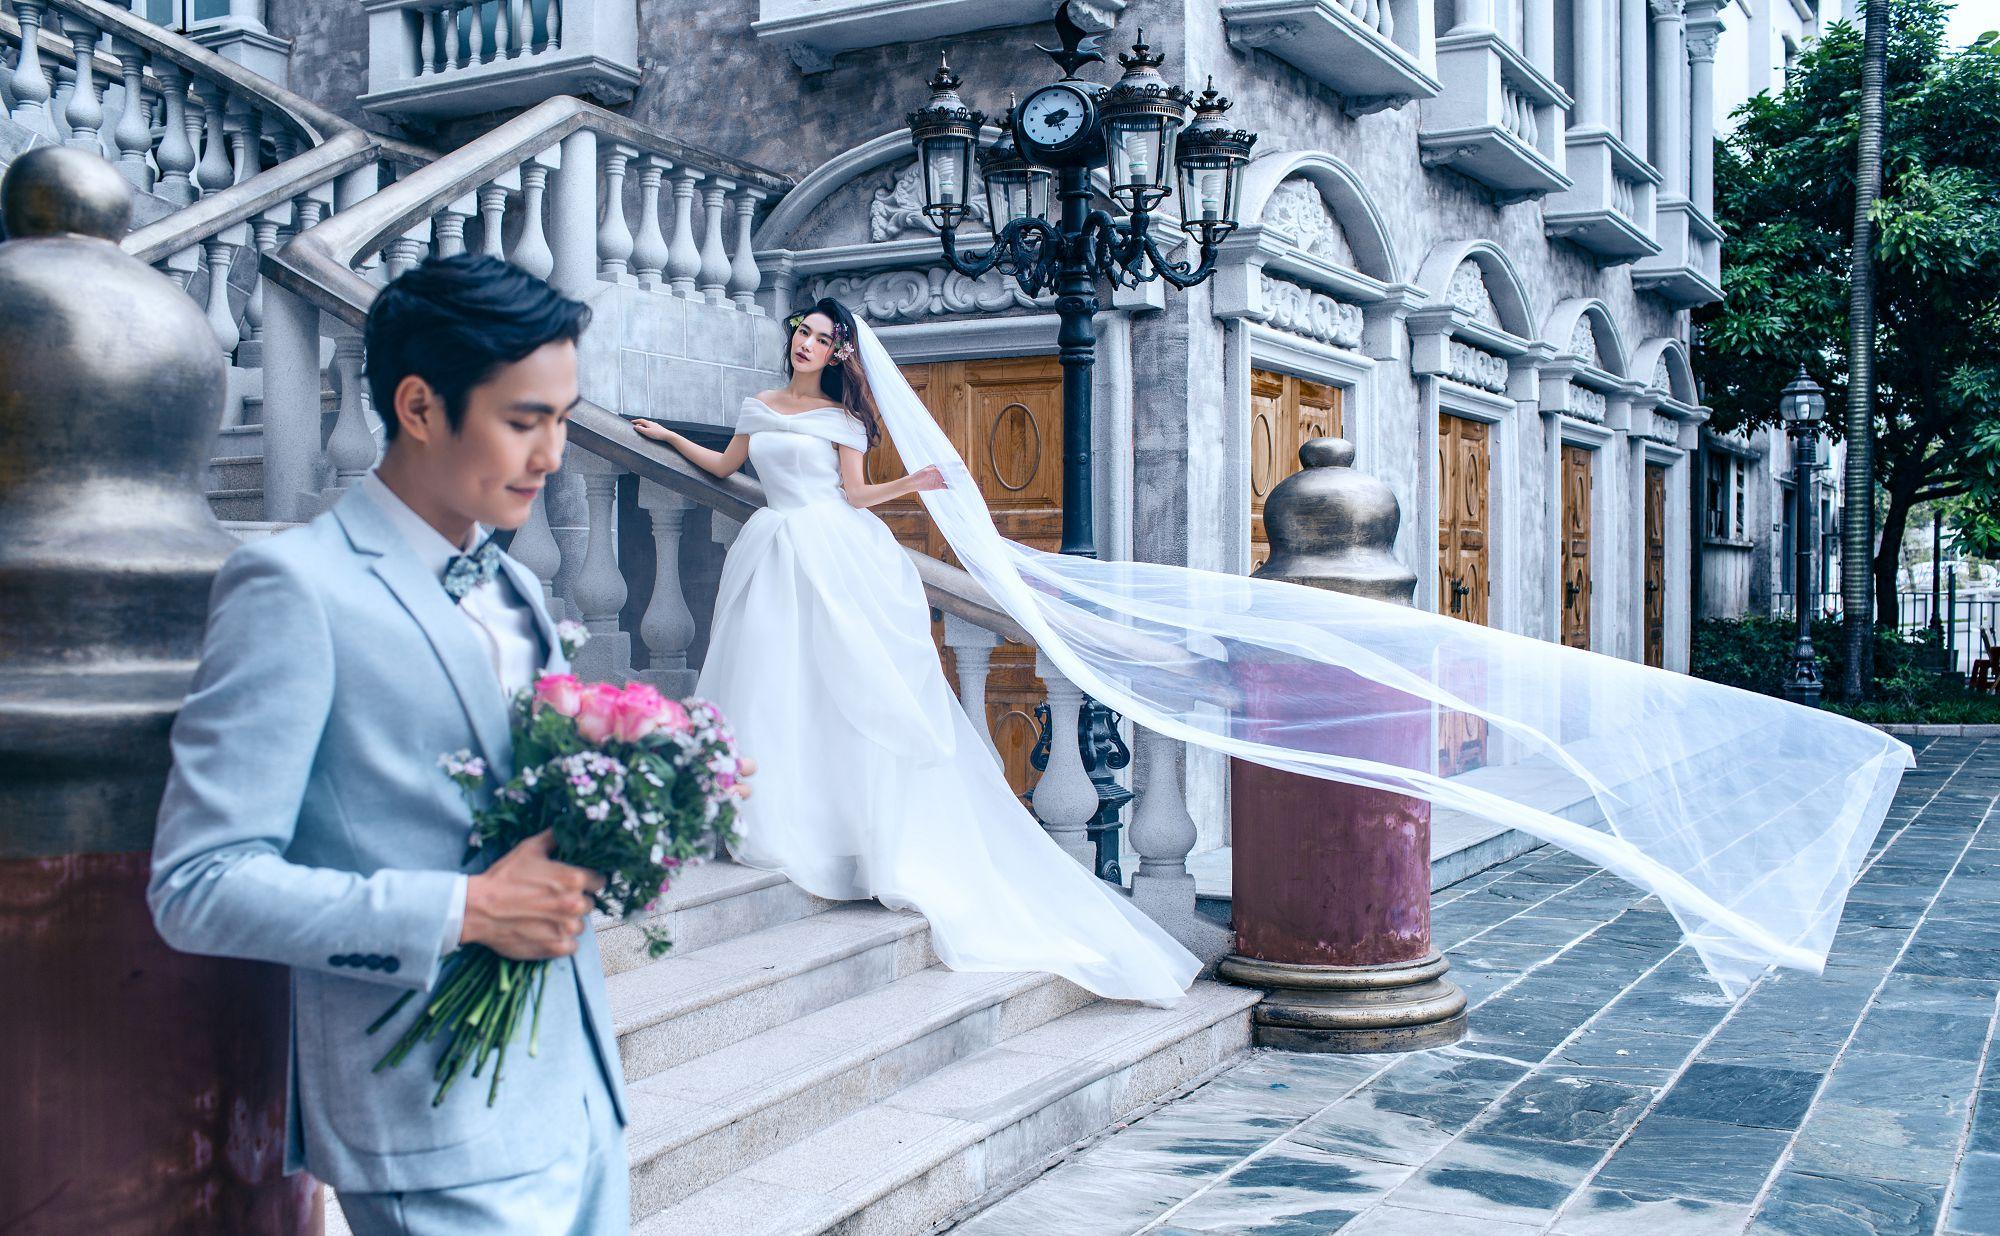 定金和订金有什么区别,拍婚纱照一般要付多少定金